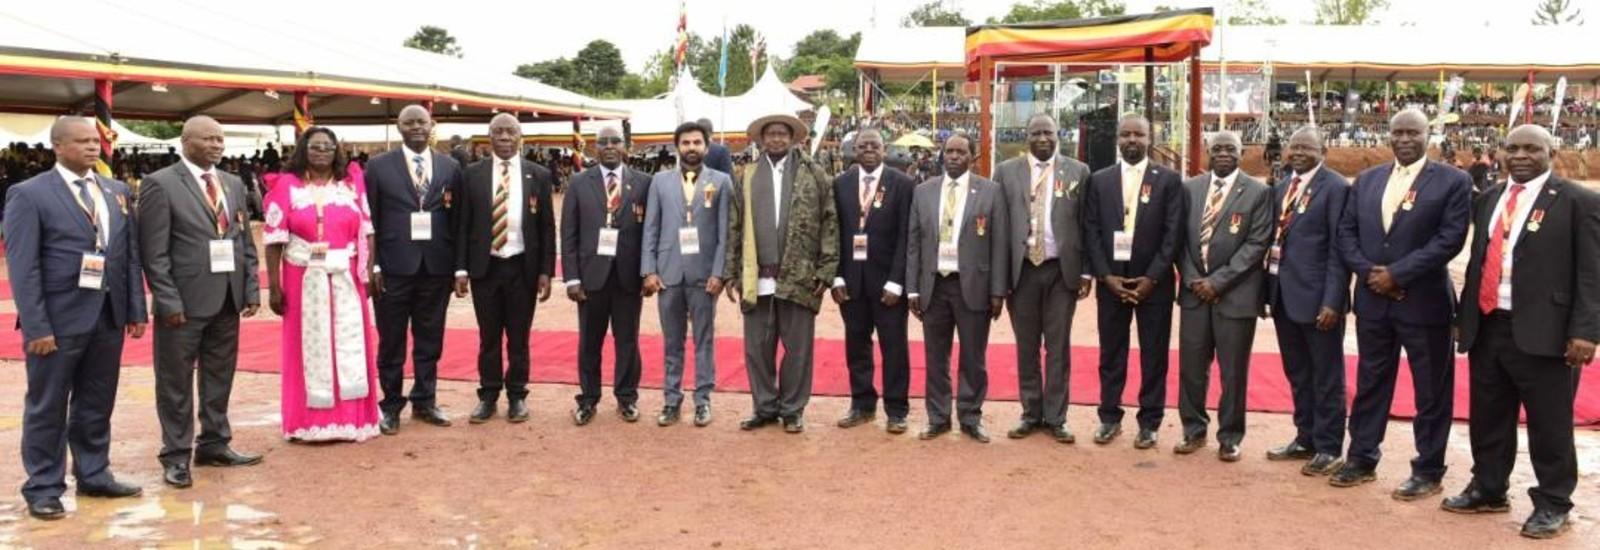 CEDAT Dons Receive Golden Jubilee Awards